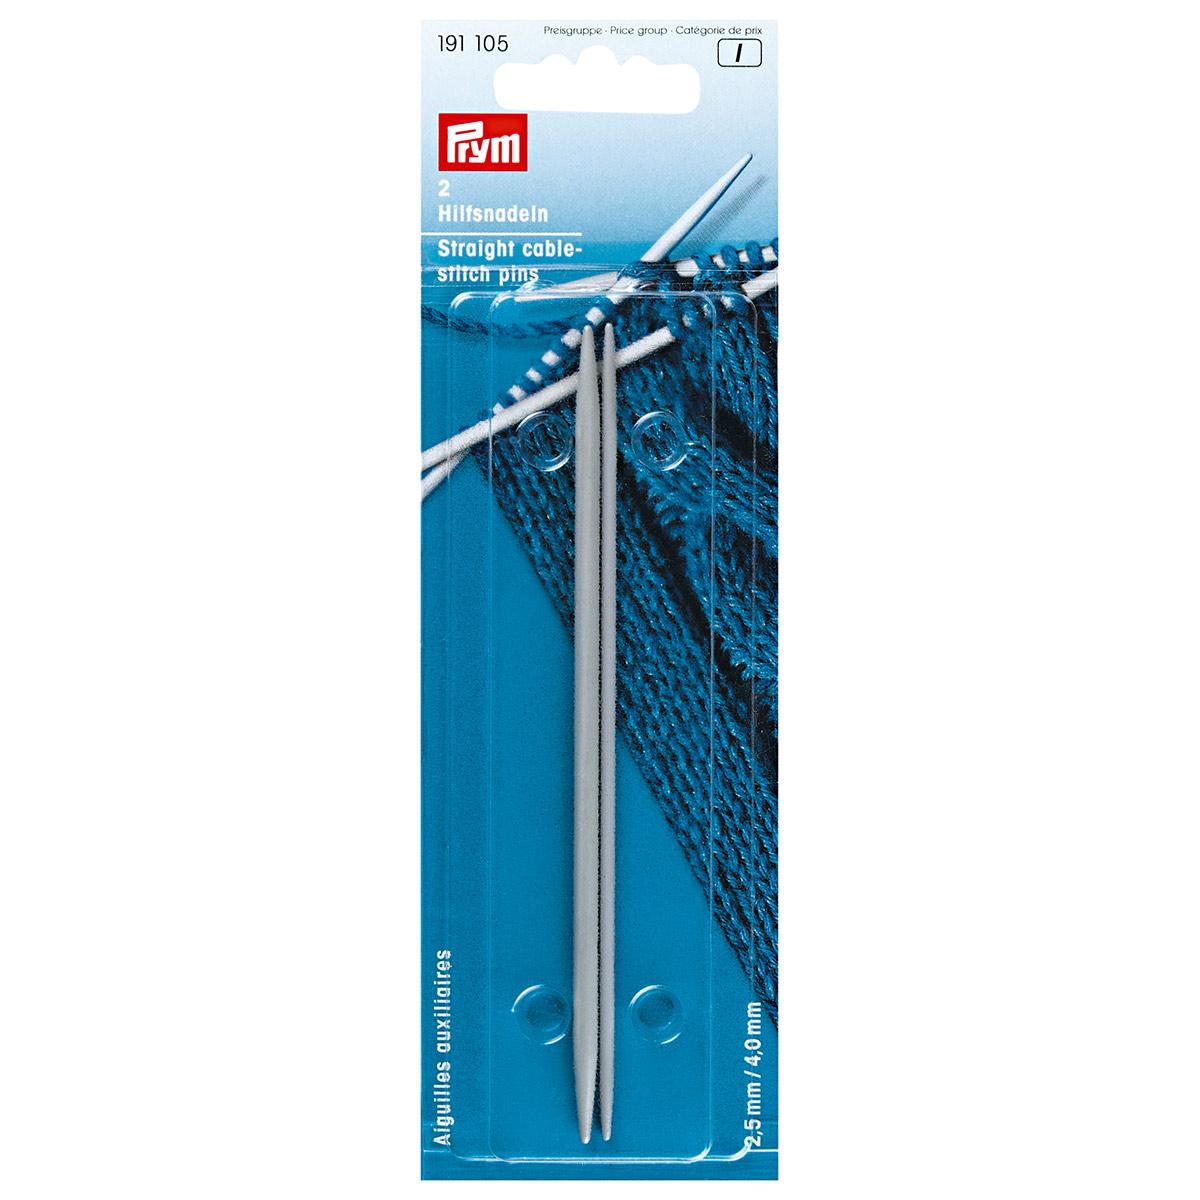 191105 Спицы вспомогательные алюминиевые, жемчужно-серый, 2,5 и 4 мм, Prym